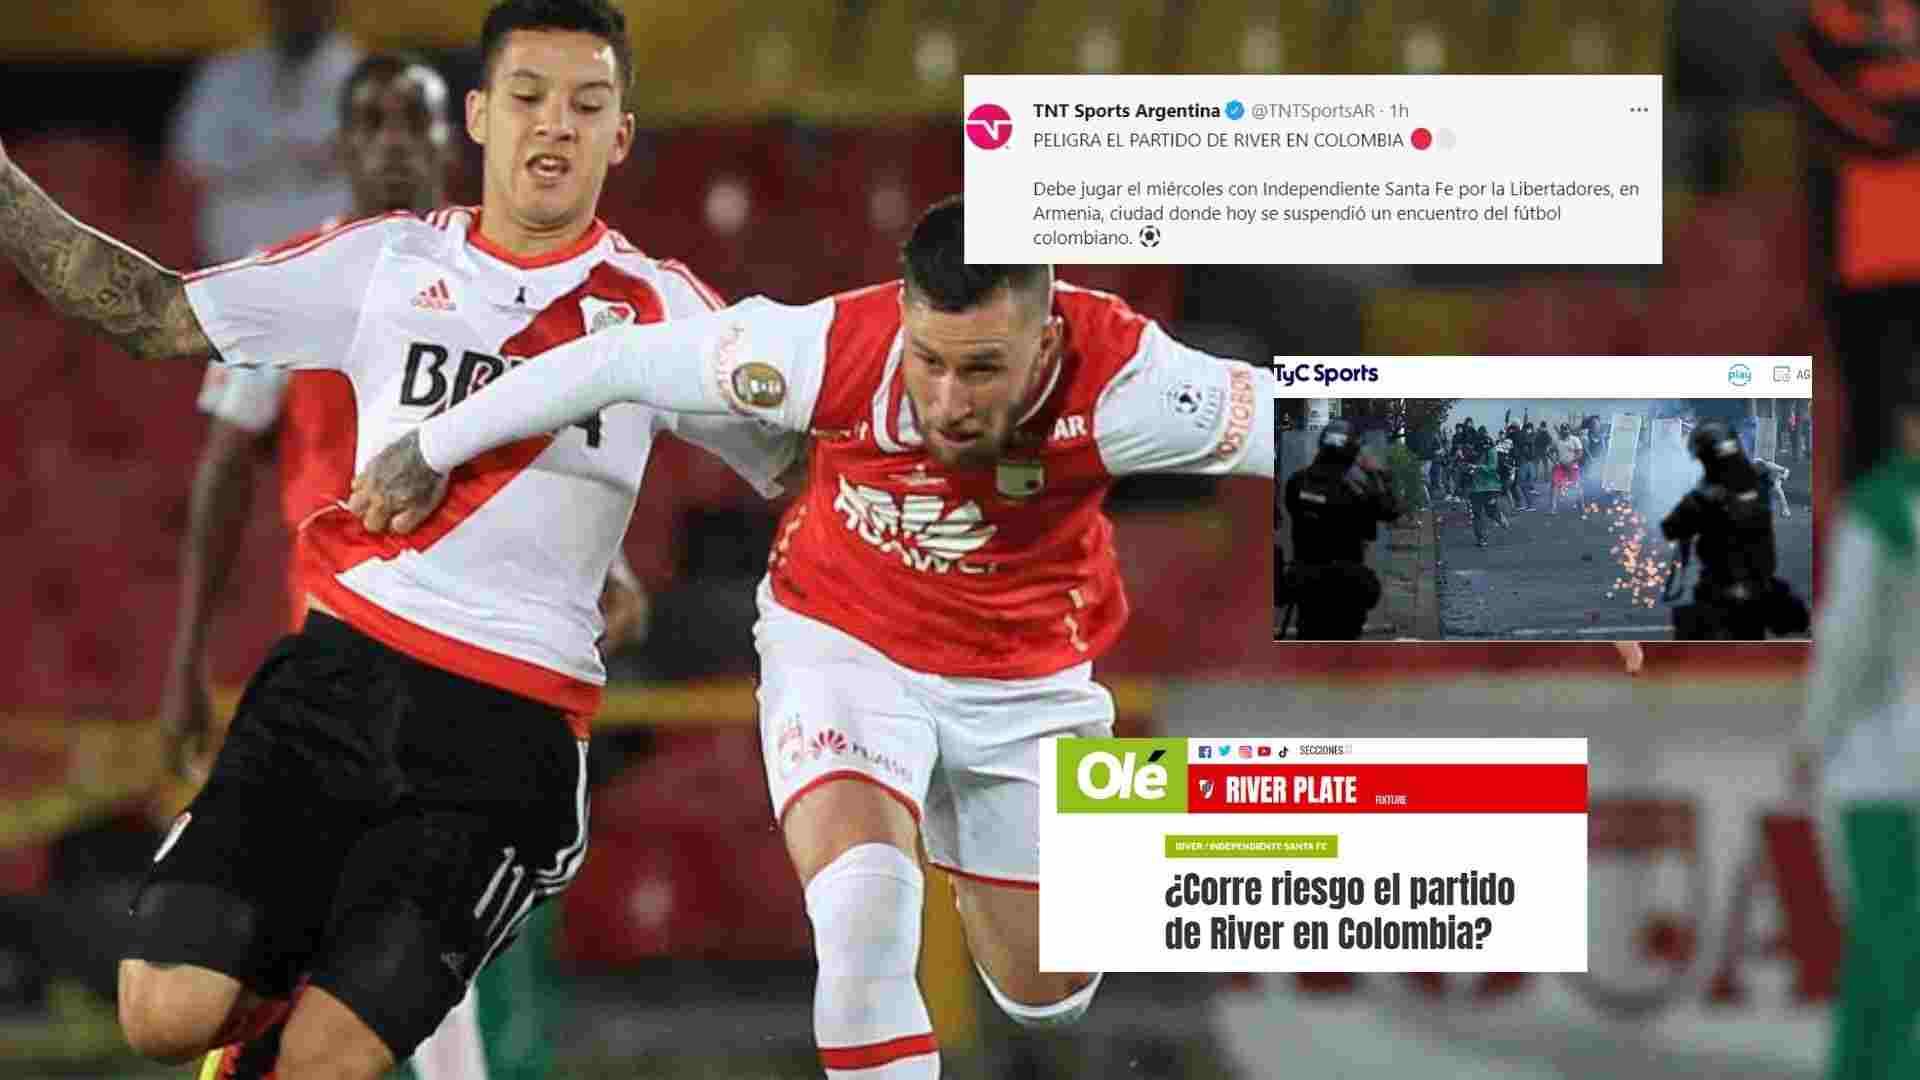 ¡Santa Fe vs. River Plate, en duda! En Argentina están alarmados por lo que atraviesa el país